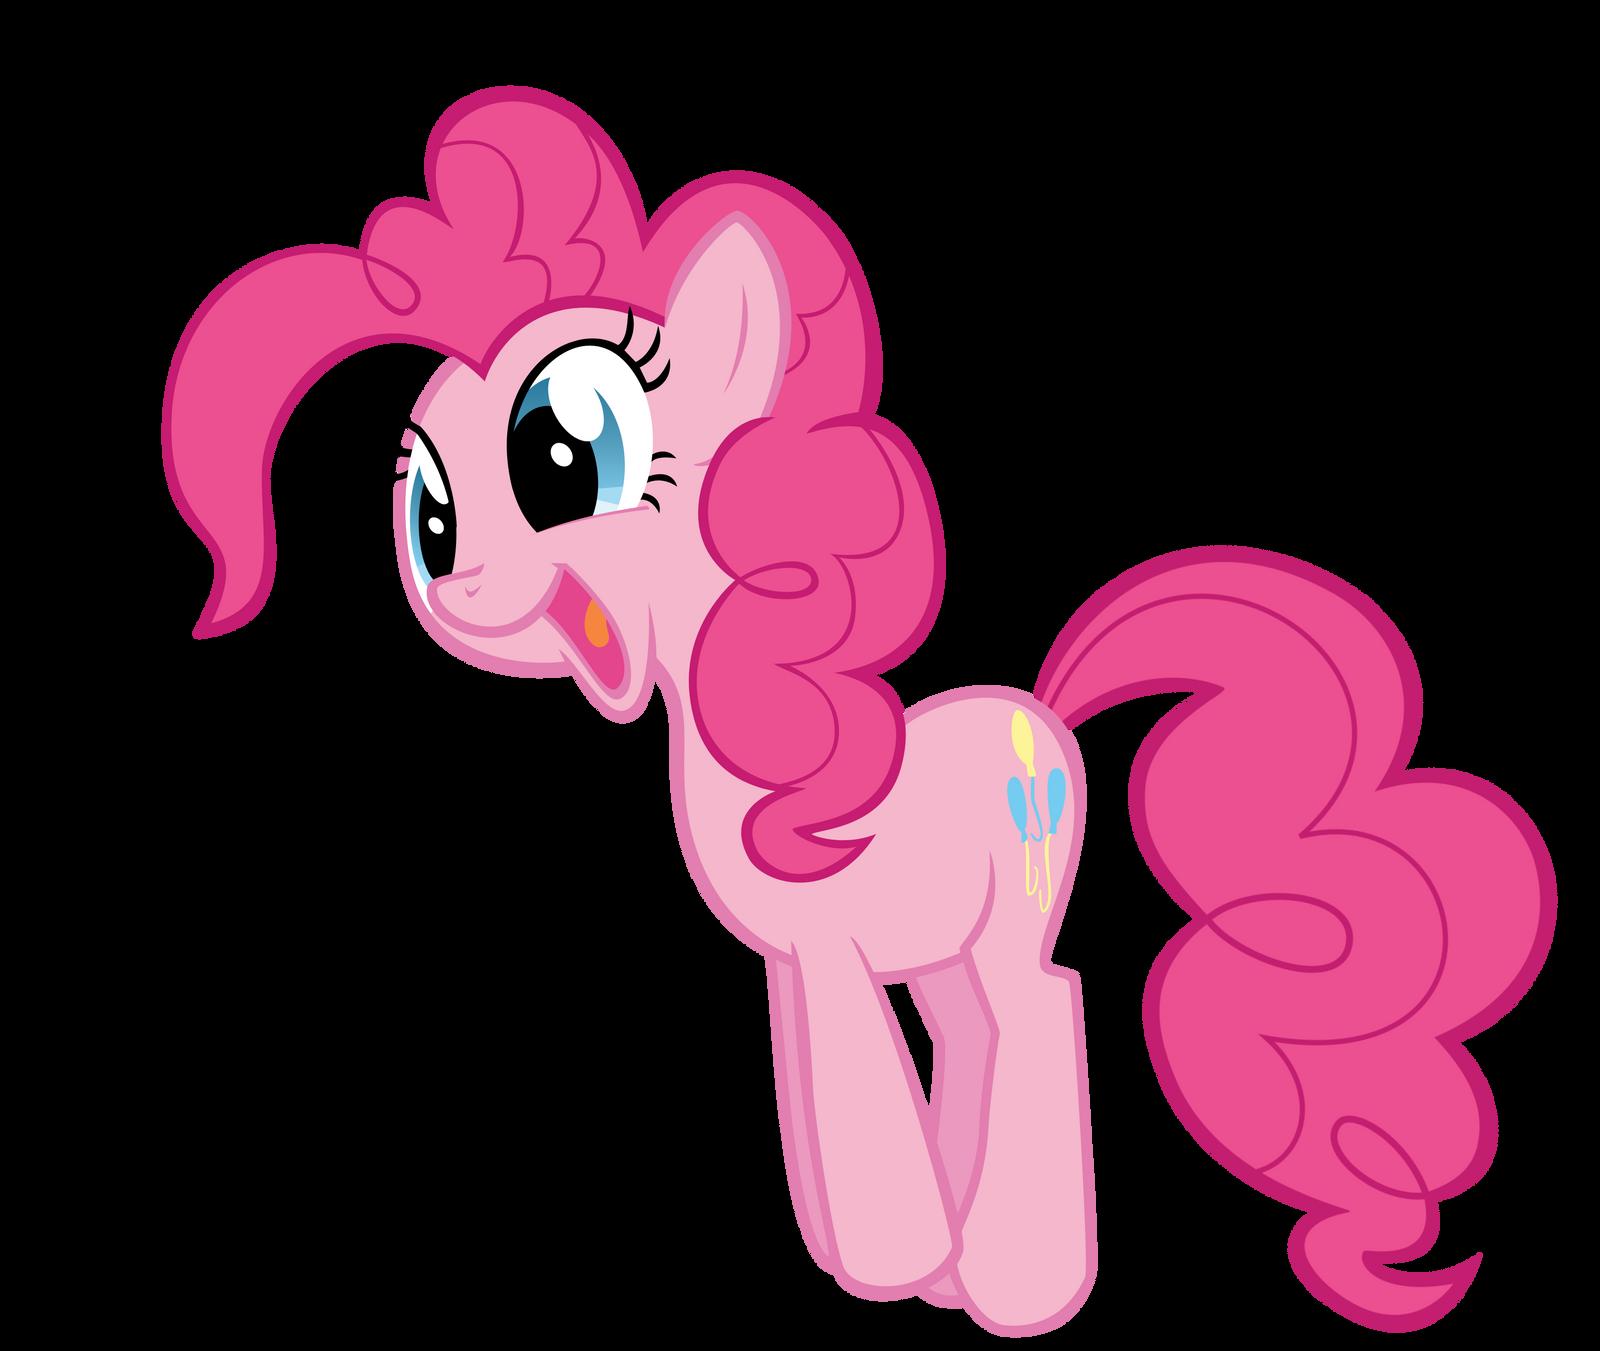 Pinkie - Were ya surprised? by Koeper